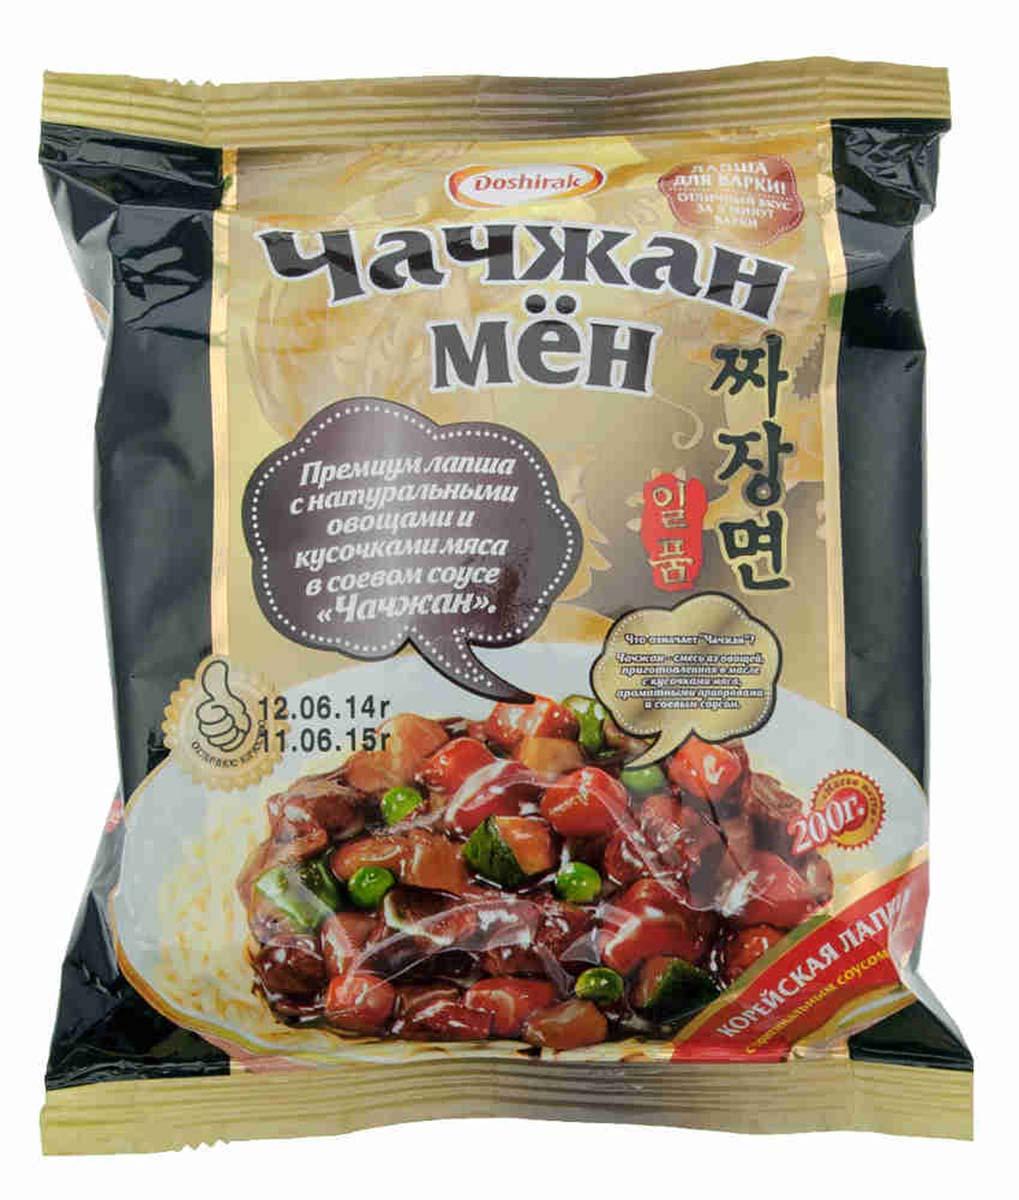 Doshirak Чачжан Мен лапша корейская, 200 г8801128505628Лапша быстрого приготовления, стоит только залить кипятком.